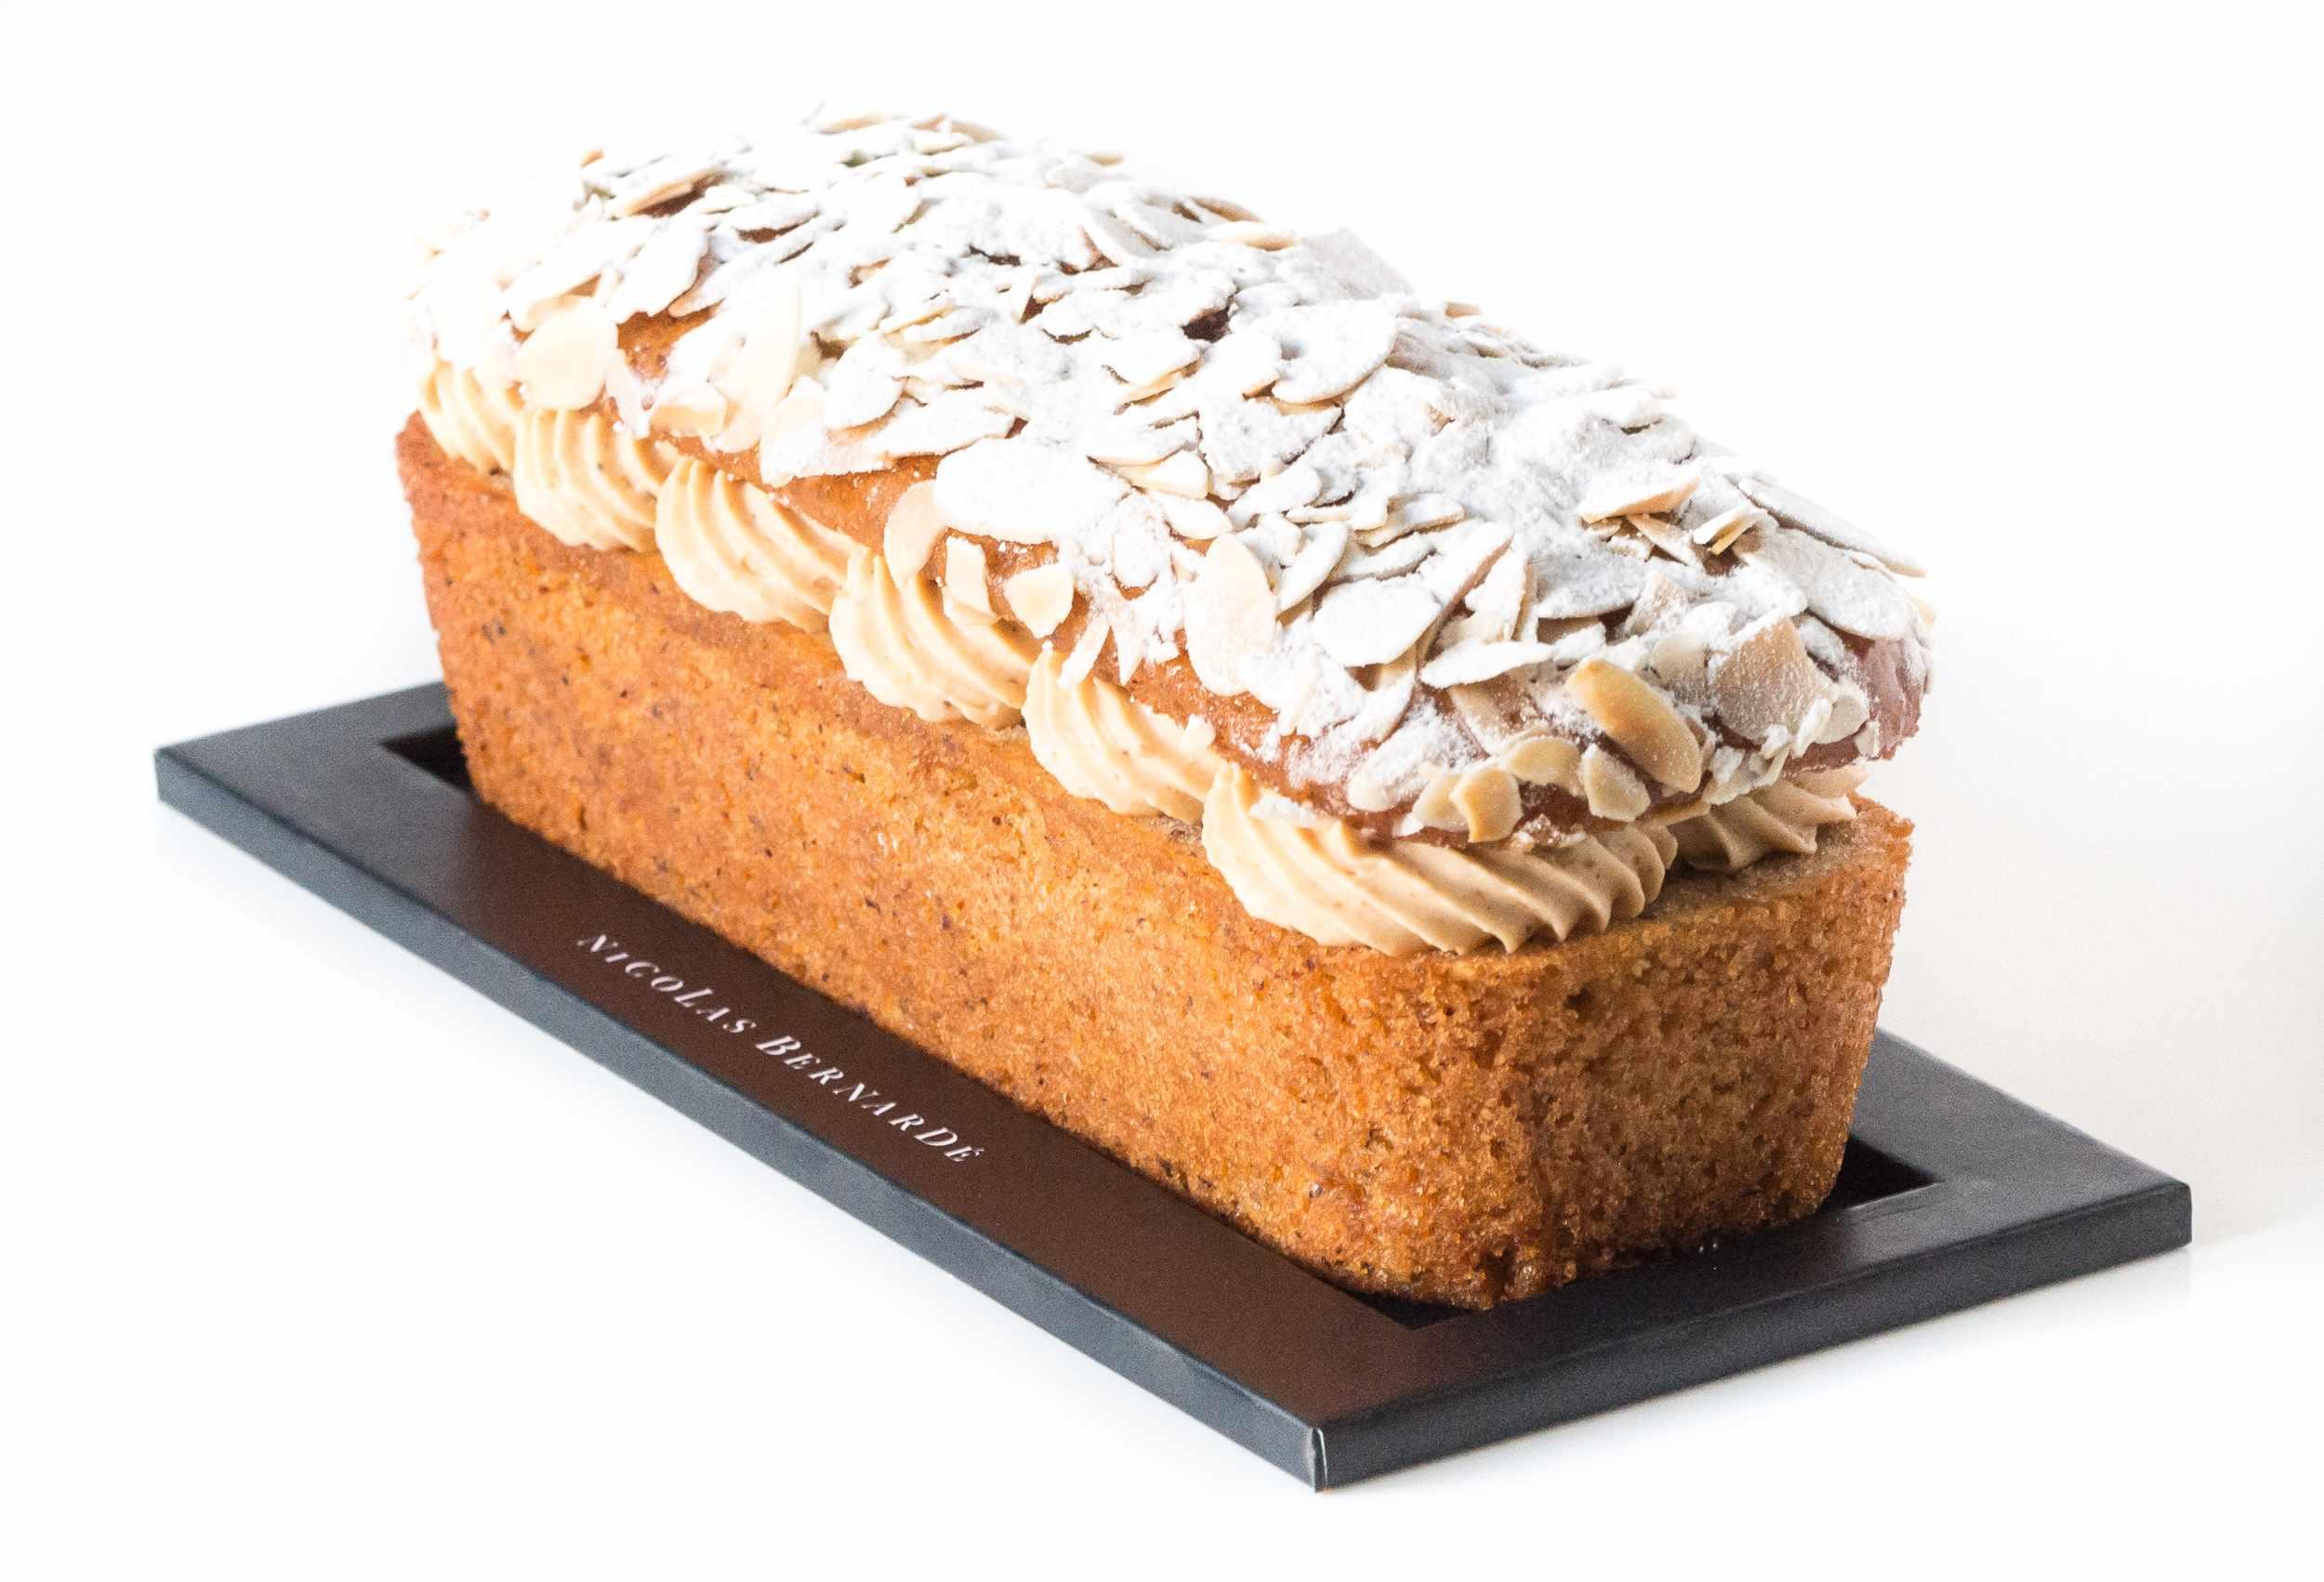 cake paris-brest